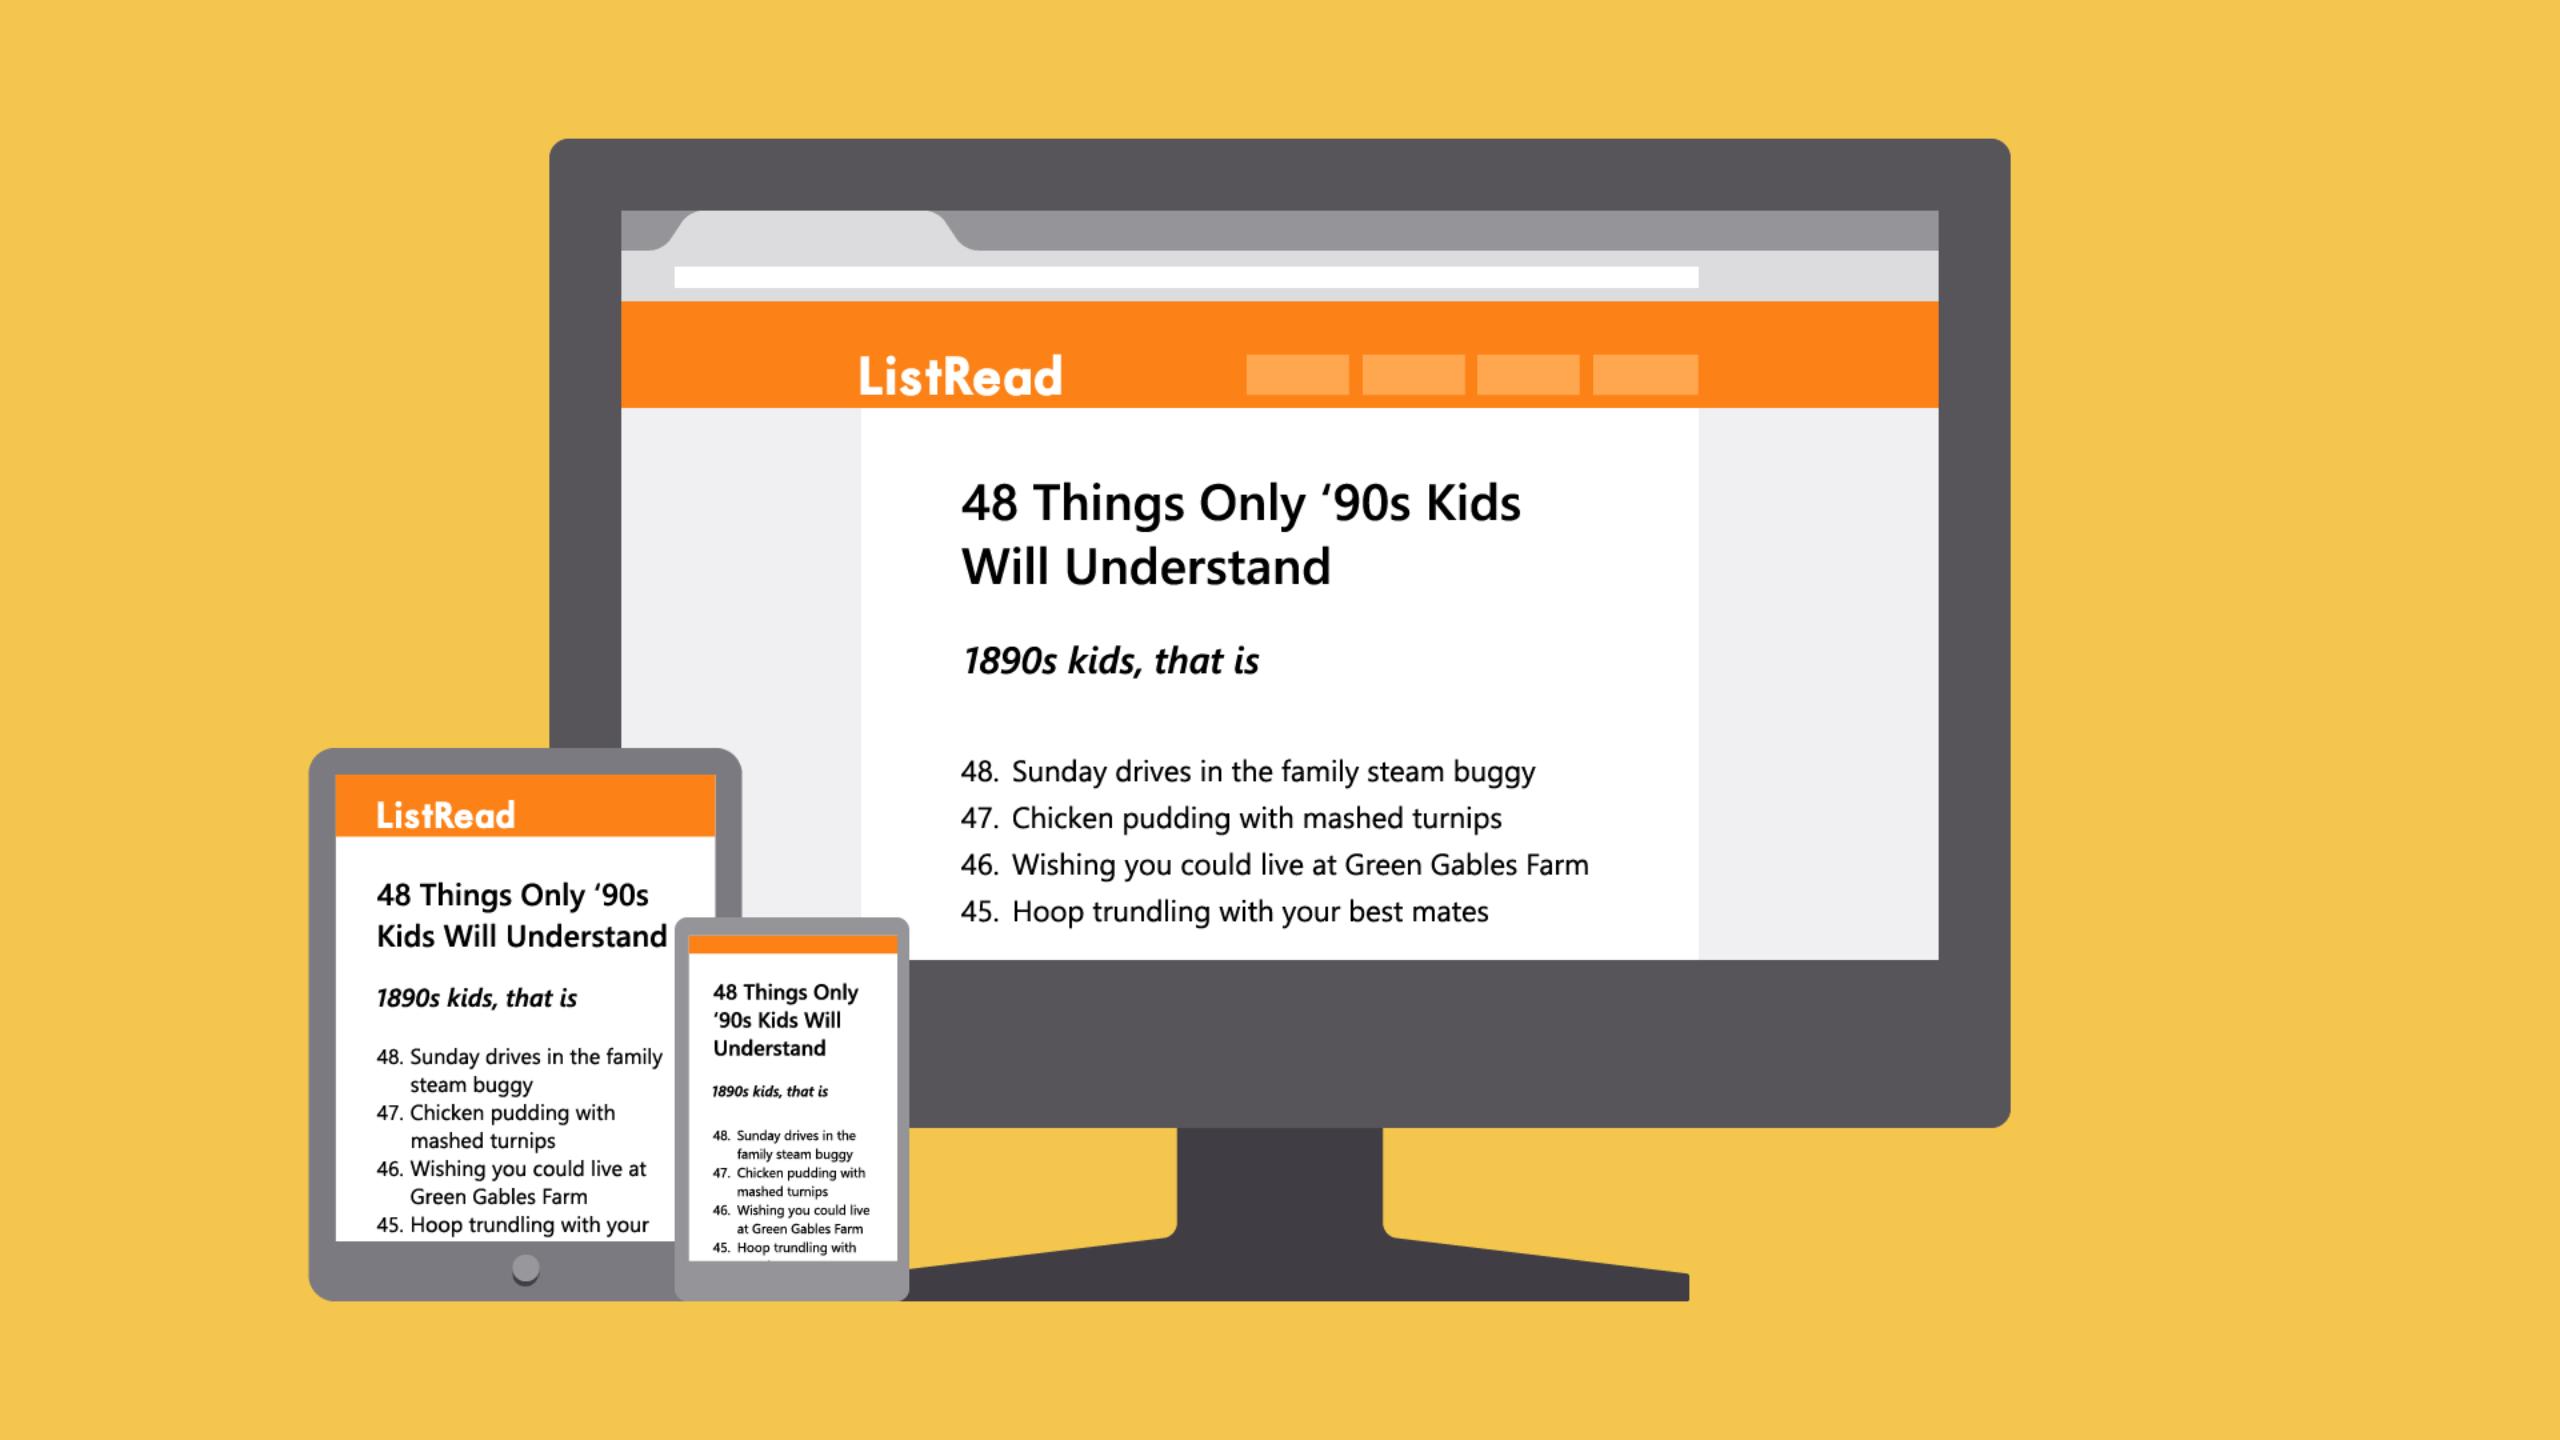 某一网站上的无衬线字体